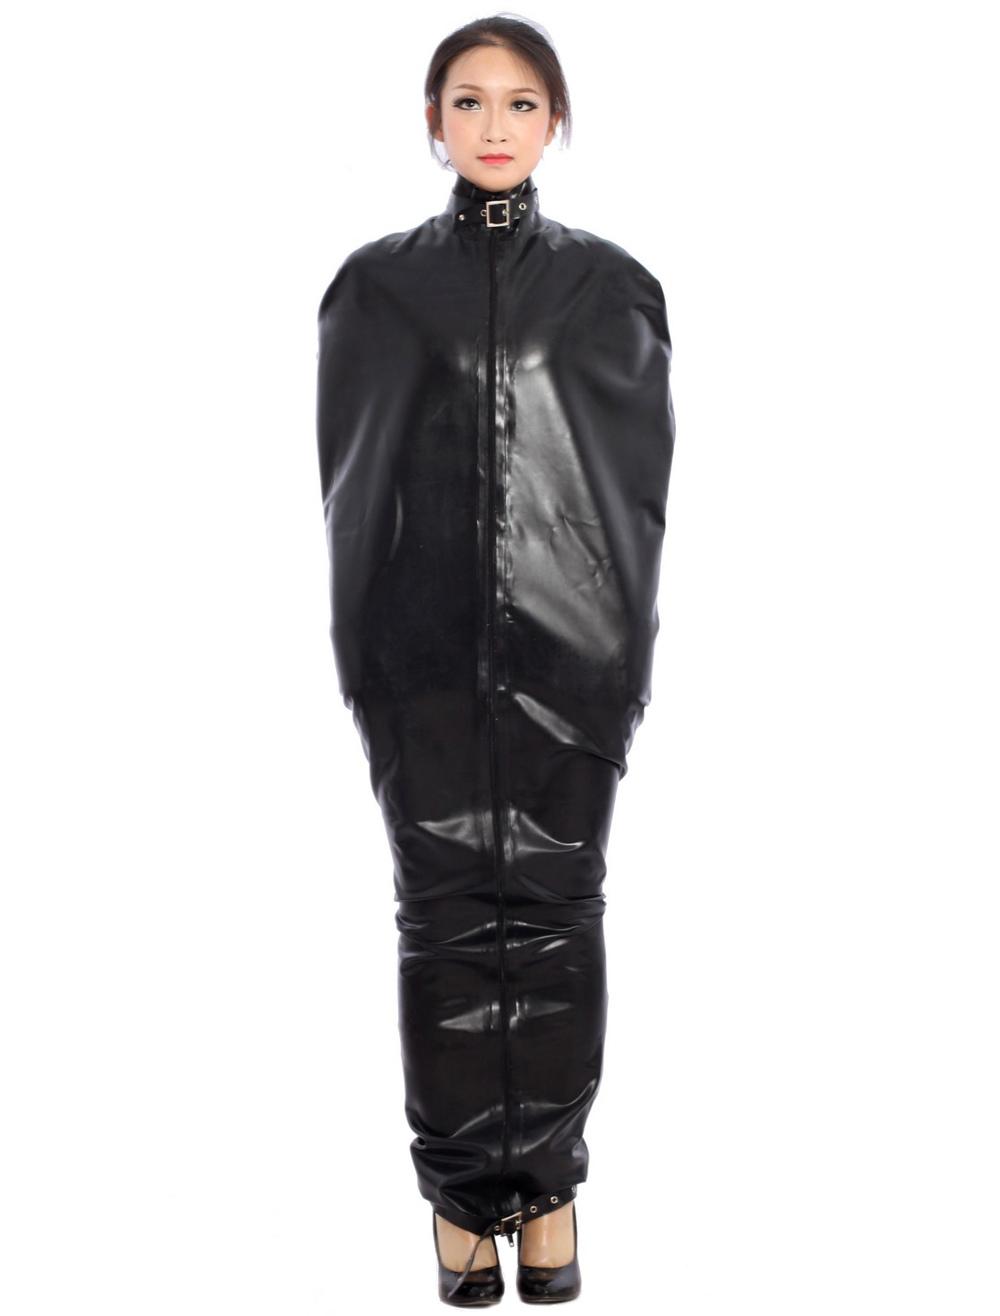 Halloween Special Buckle Black Latex Catsuit Halloween